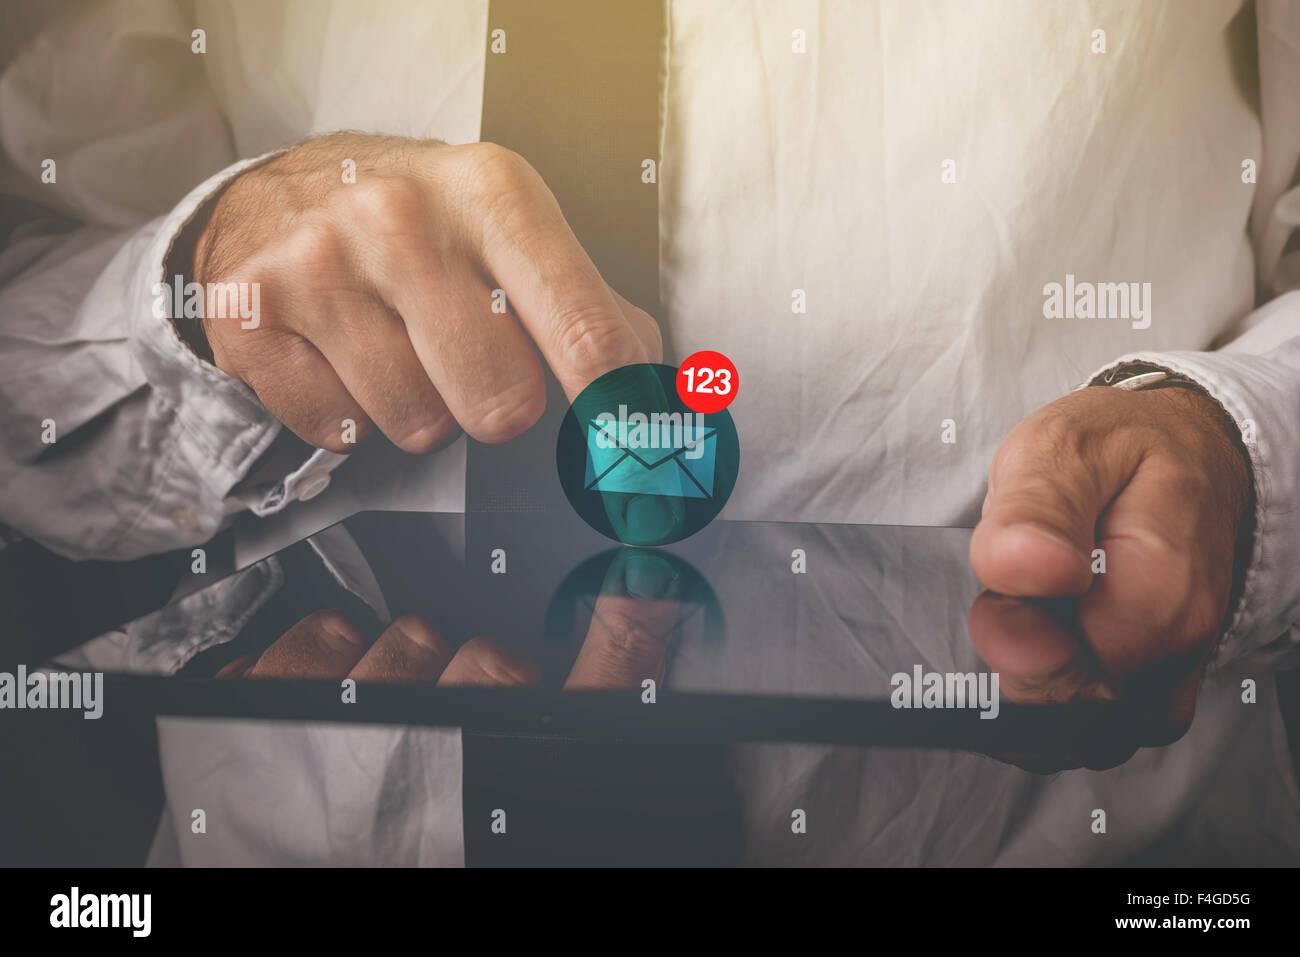 El empresario ver mensajes de correo electrónico de digital tablet pc, el dedo en la pantalla táctil del Imagen De Stock